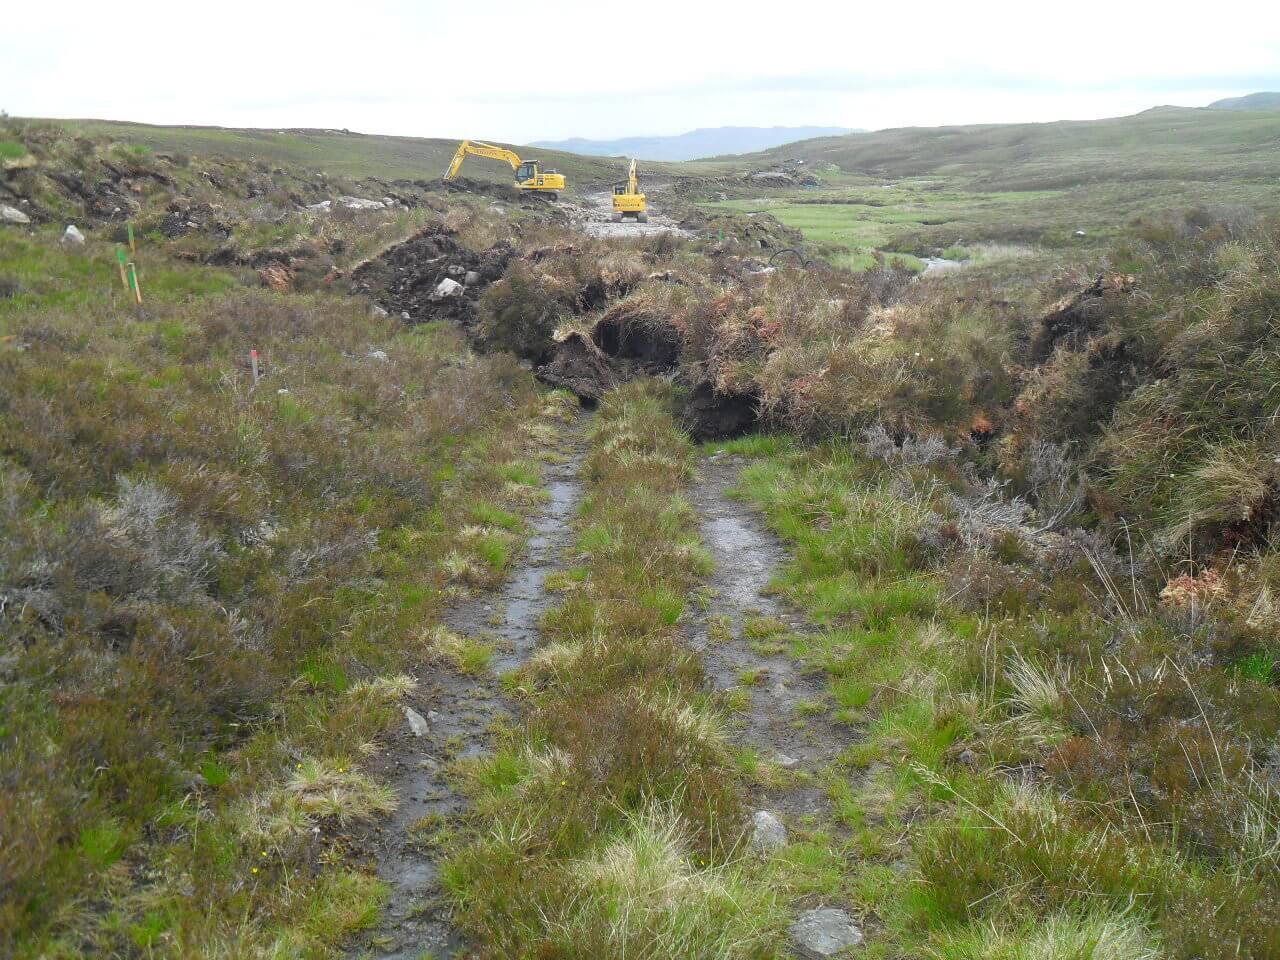 Der Trail endet abrupt. In den Highlands wird zur Zeit viel gebaut, entweder Windräder, Wasserleitungen oder Stromleitungen